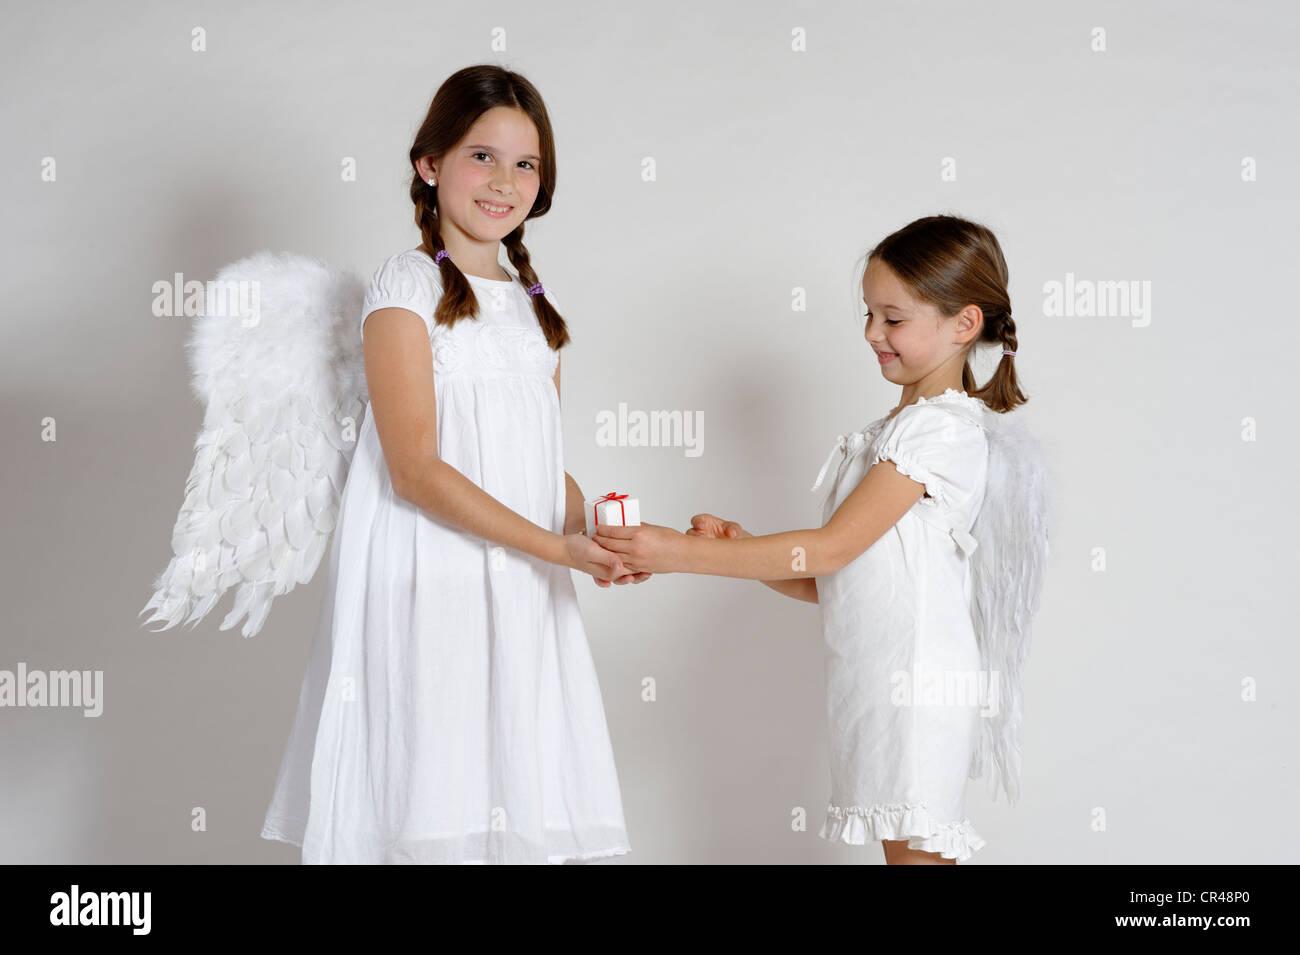 Zwei Mädchen, verkleidet als Weihnachtsengel mit einem Geschenk, Weihnachten Stockbild